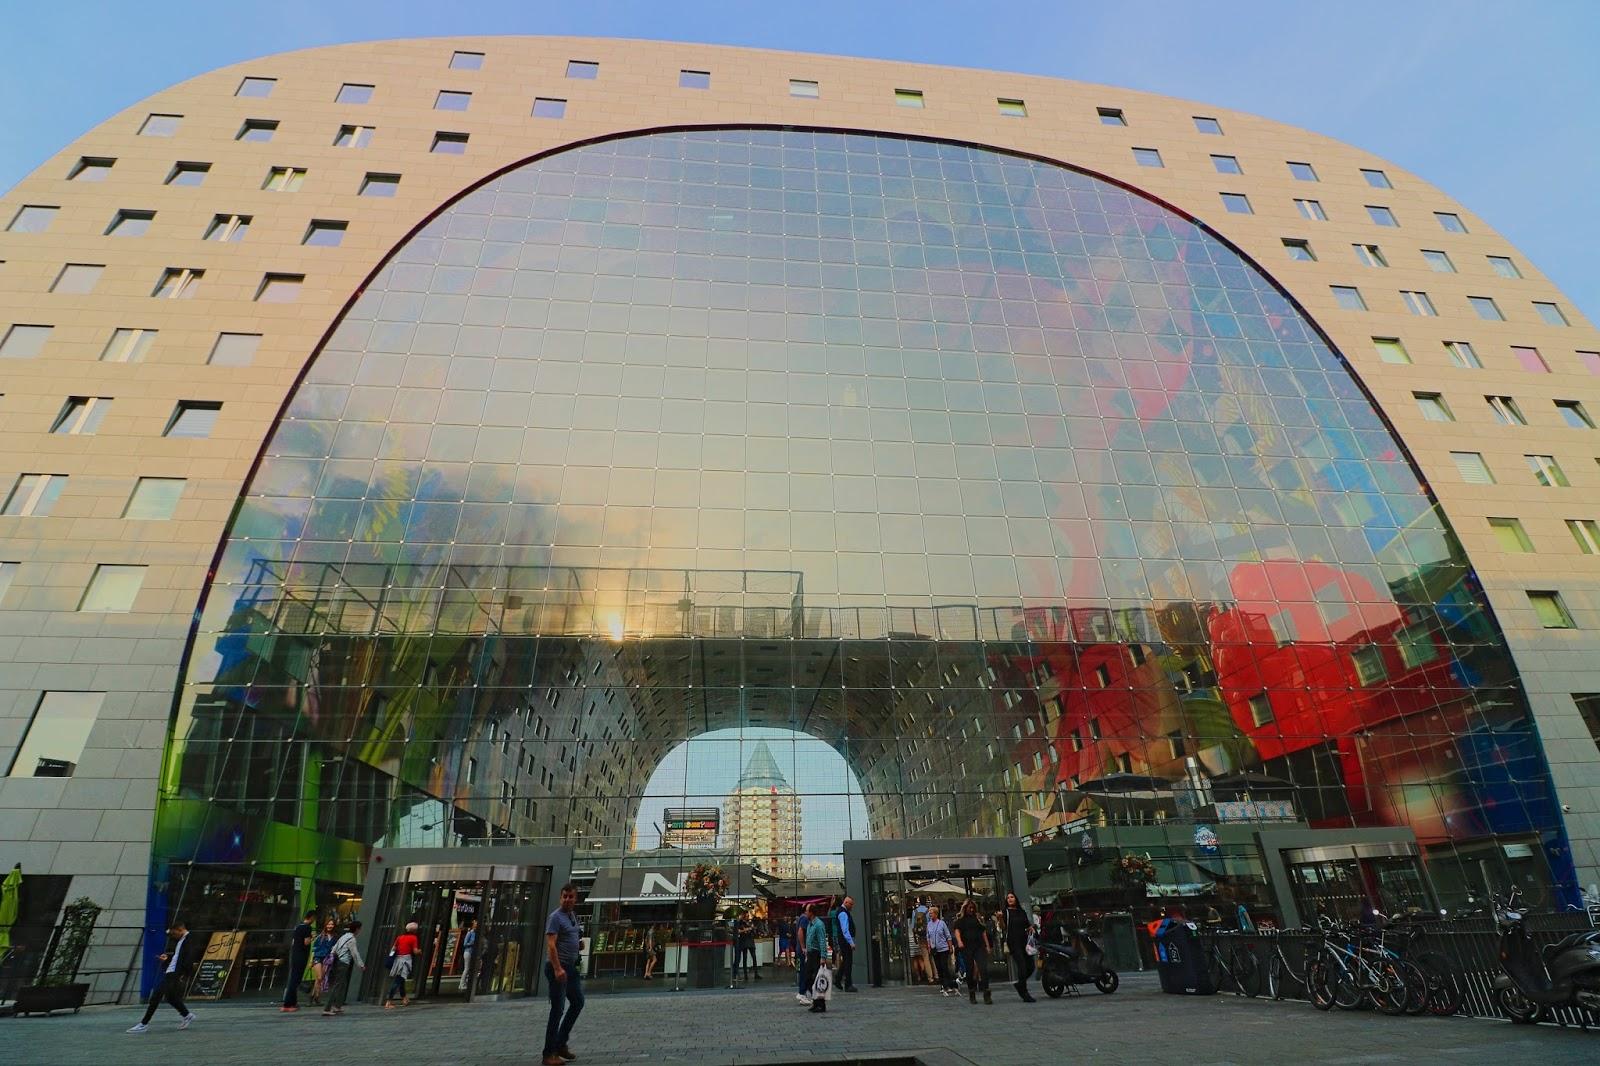 Holandia, zwiedzanie, podróże, blog, hala targowa